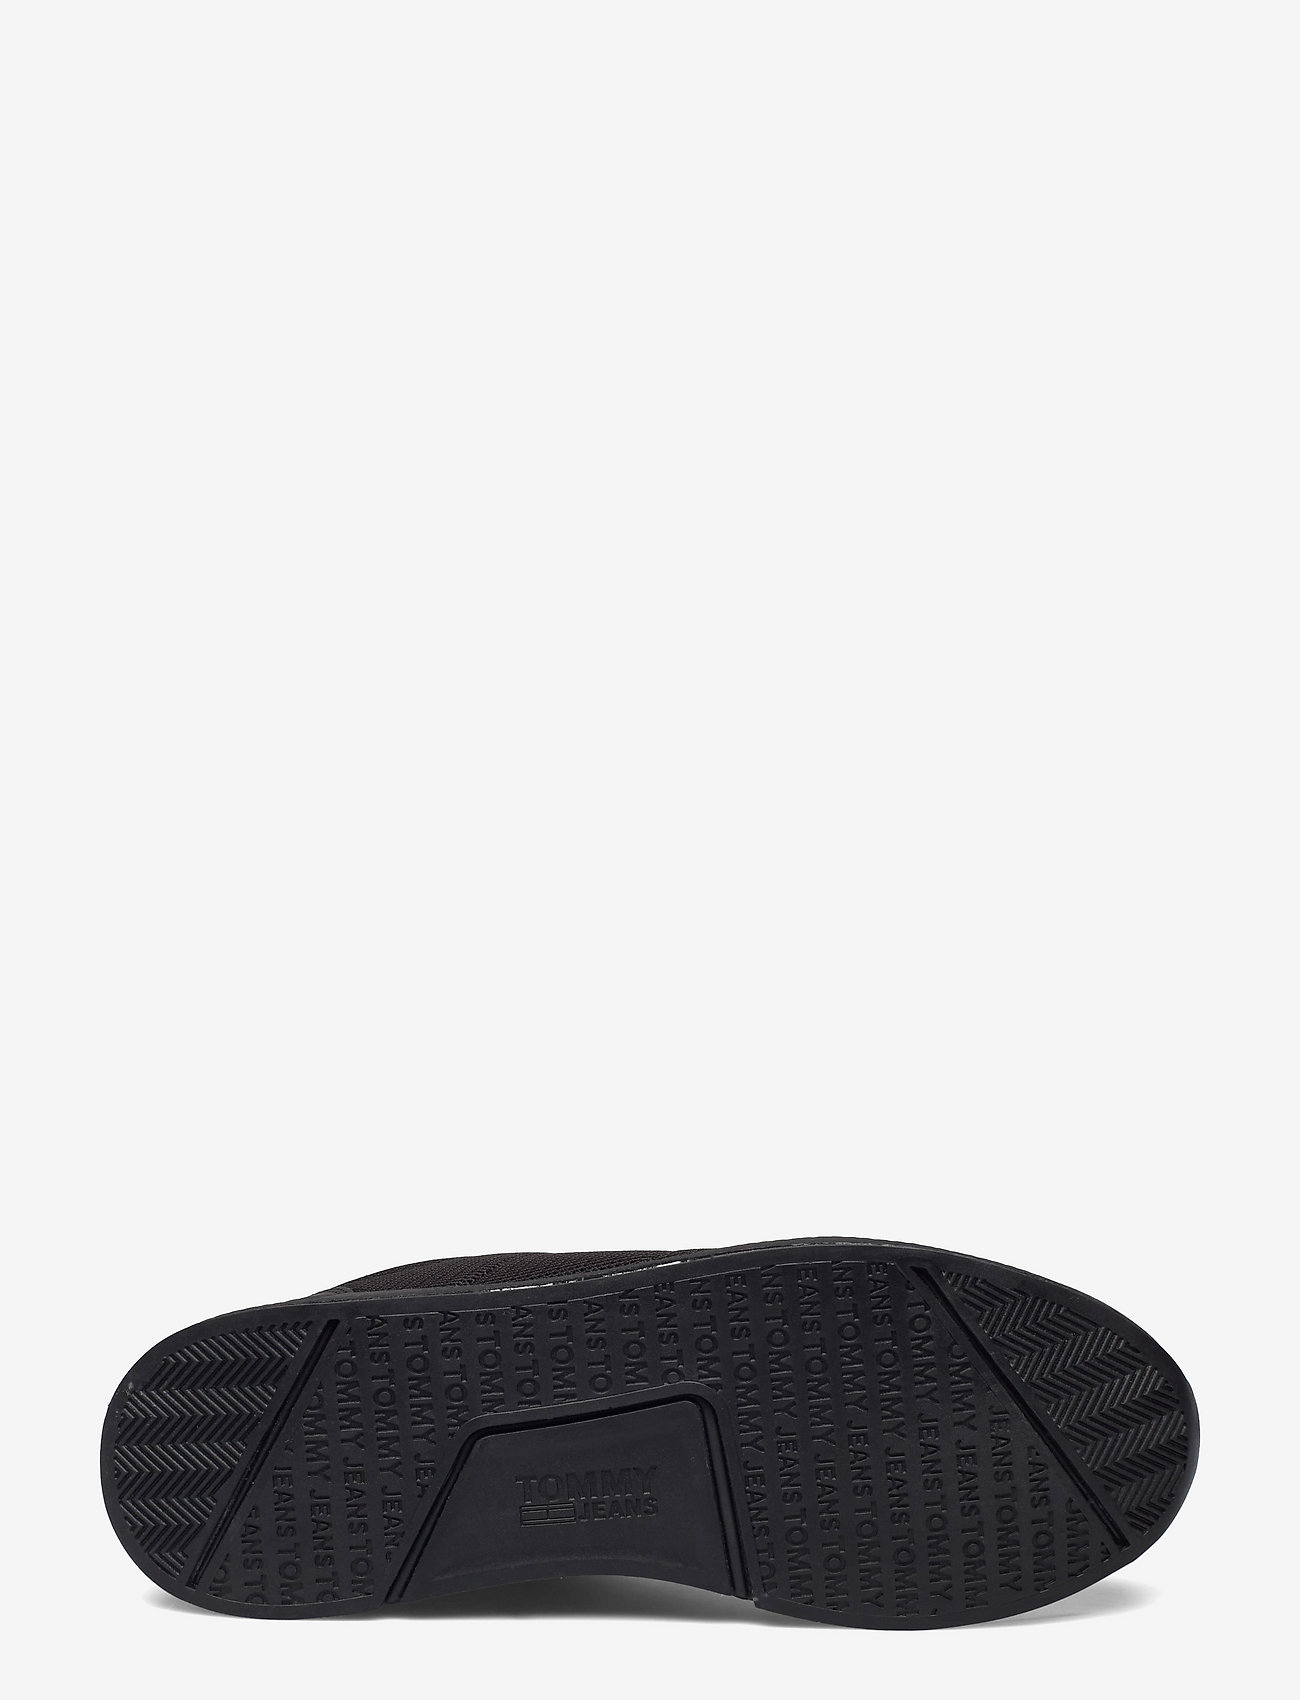 Tommy Hilfiger - FLEXI MESH TJM RUNNER - laag sneakers - black - 4